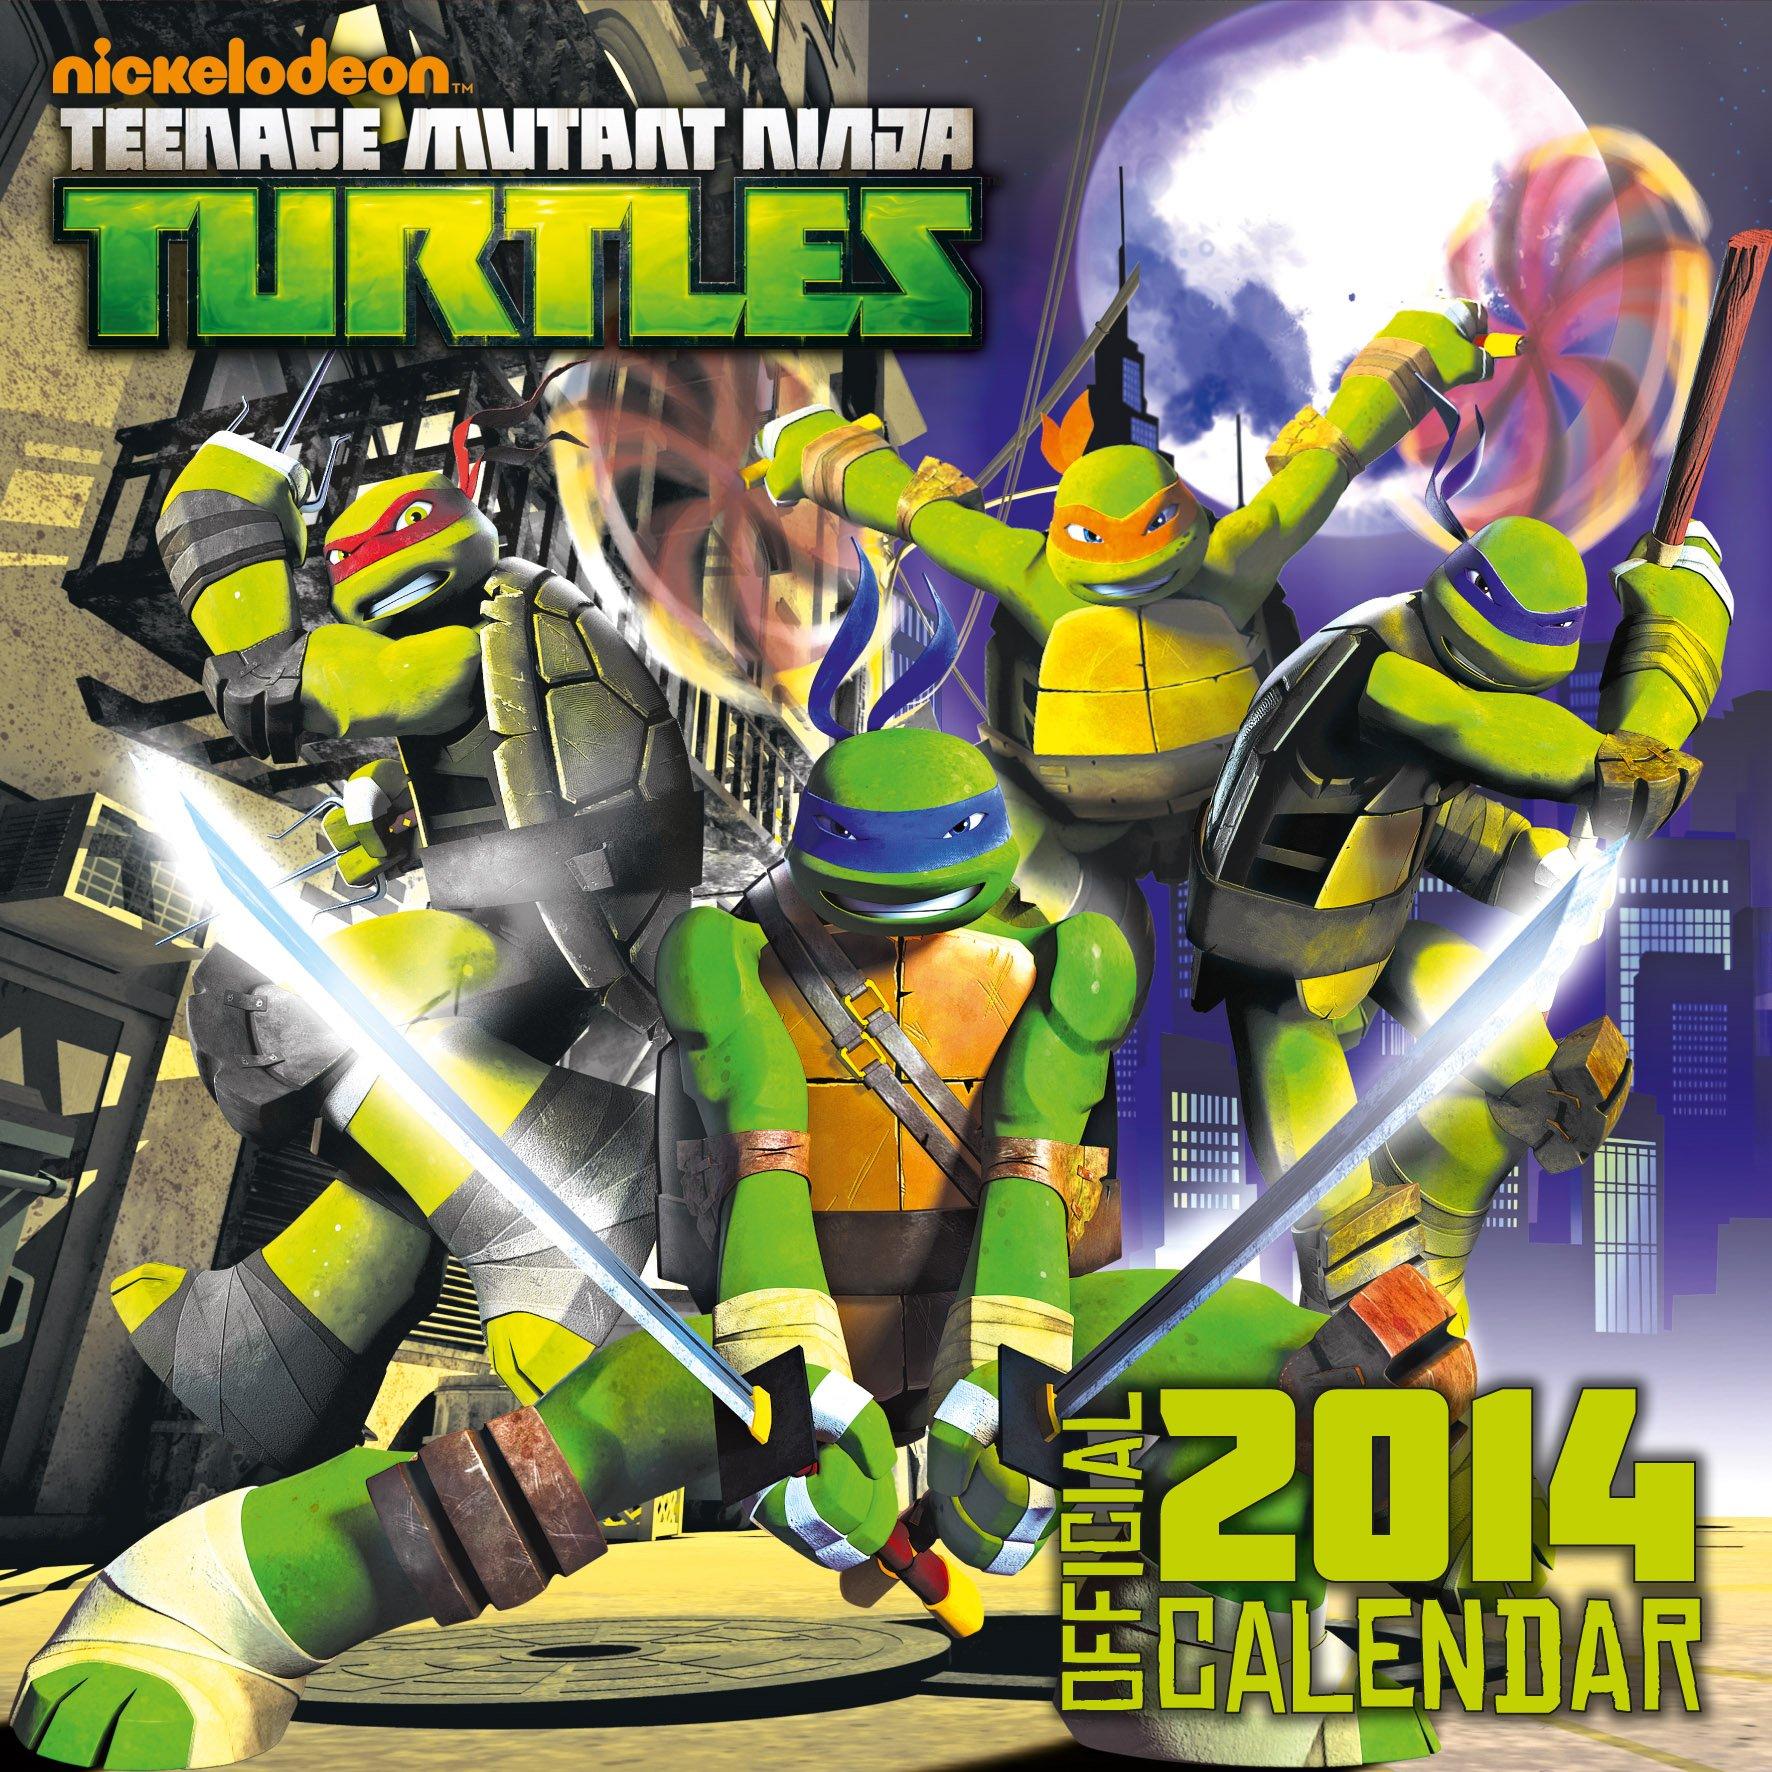 Official Teenage Mutant Ninja Turtles 2014 Calendar ...